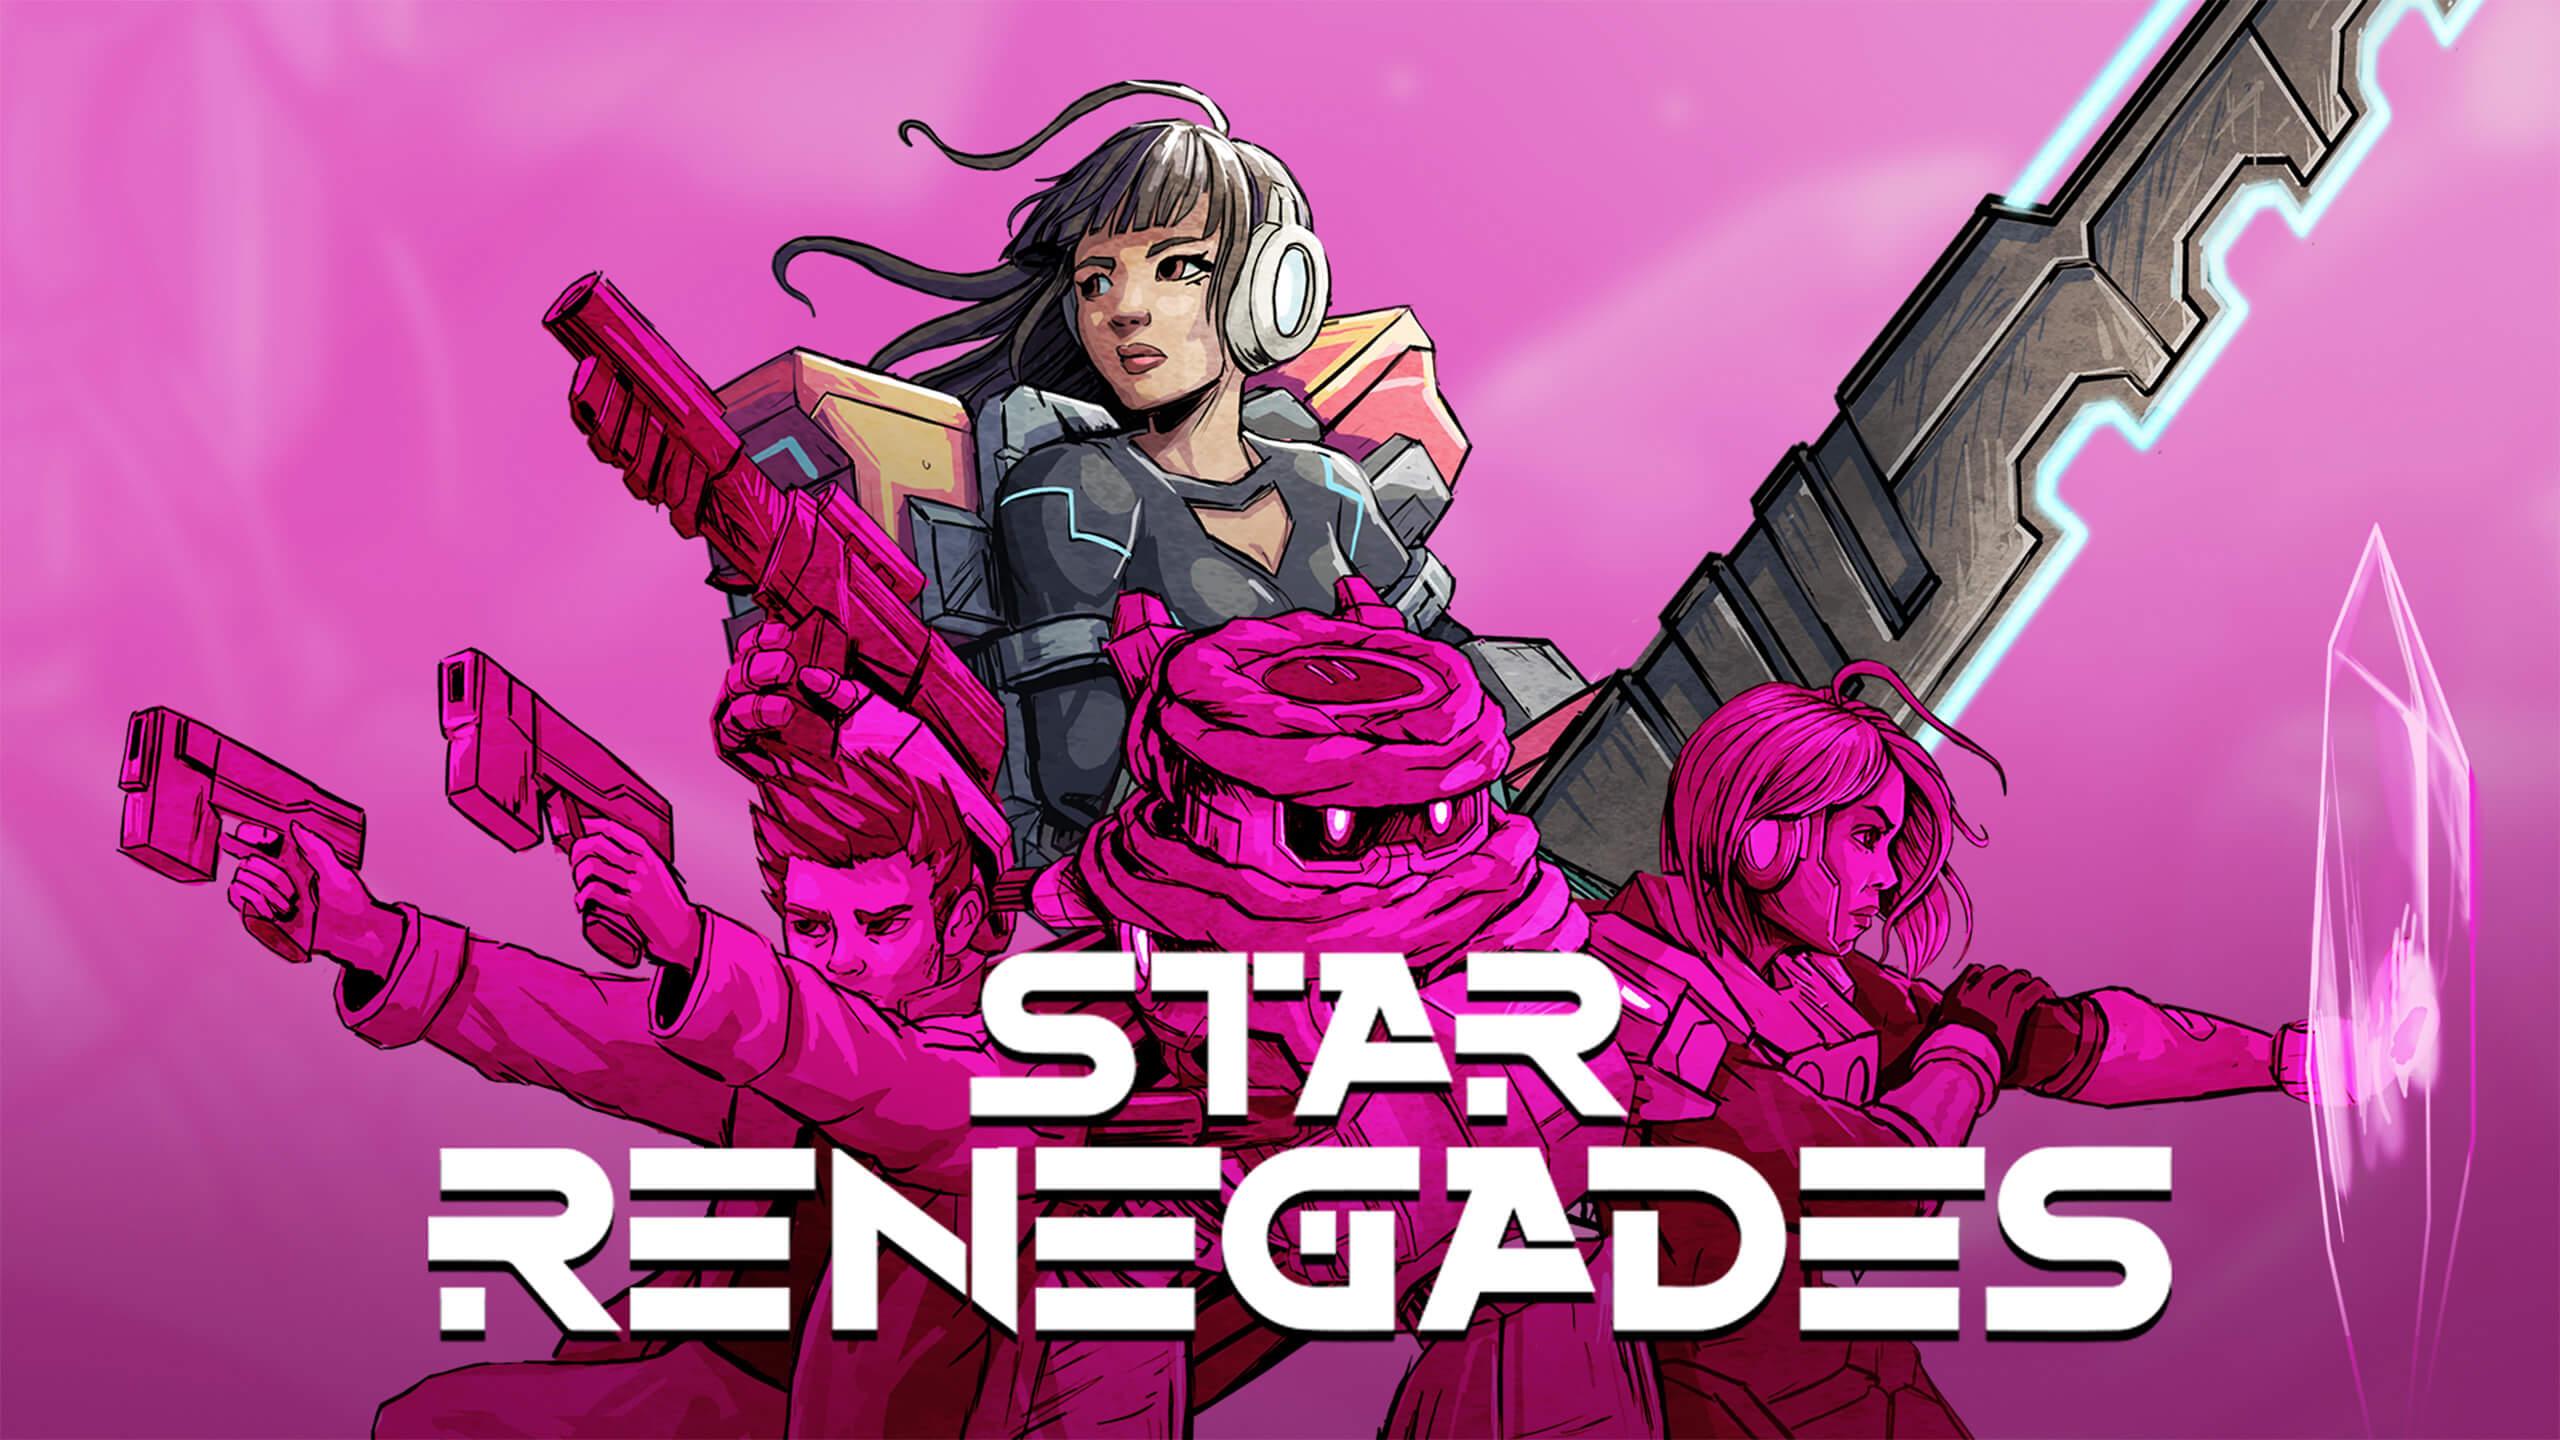 星际反叛军/星际叛乱者(Star Renegades)插图5